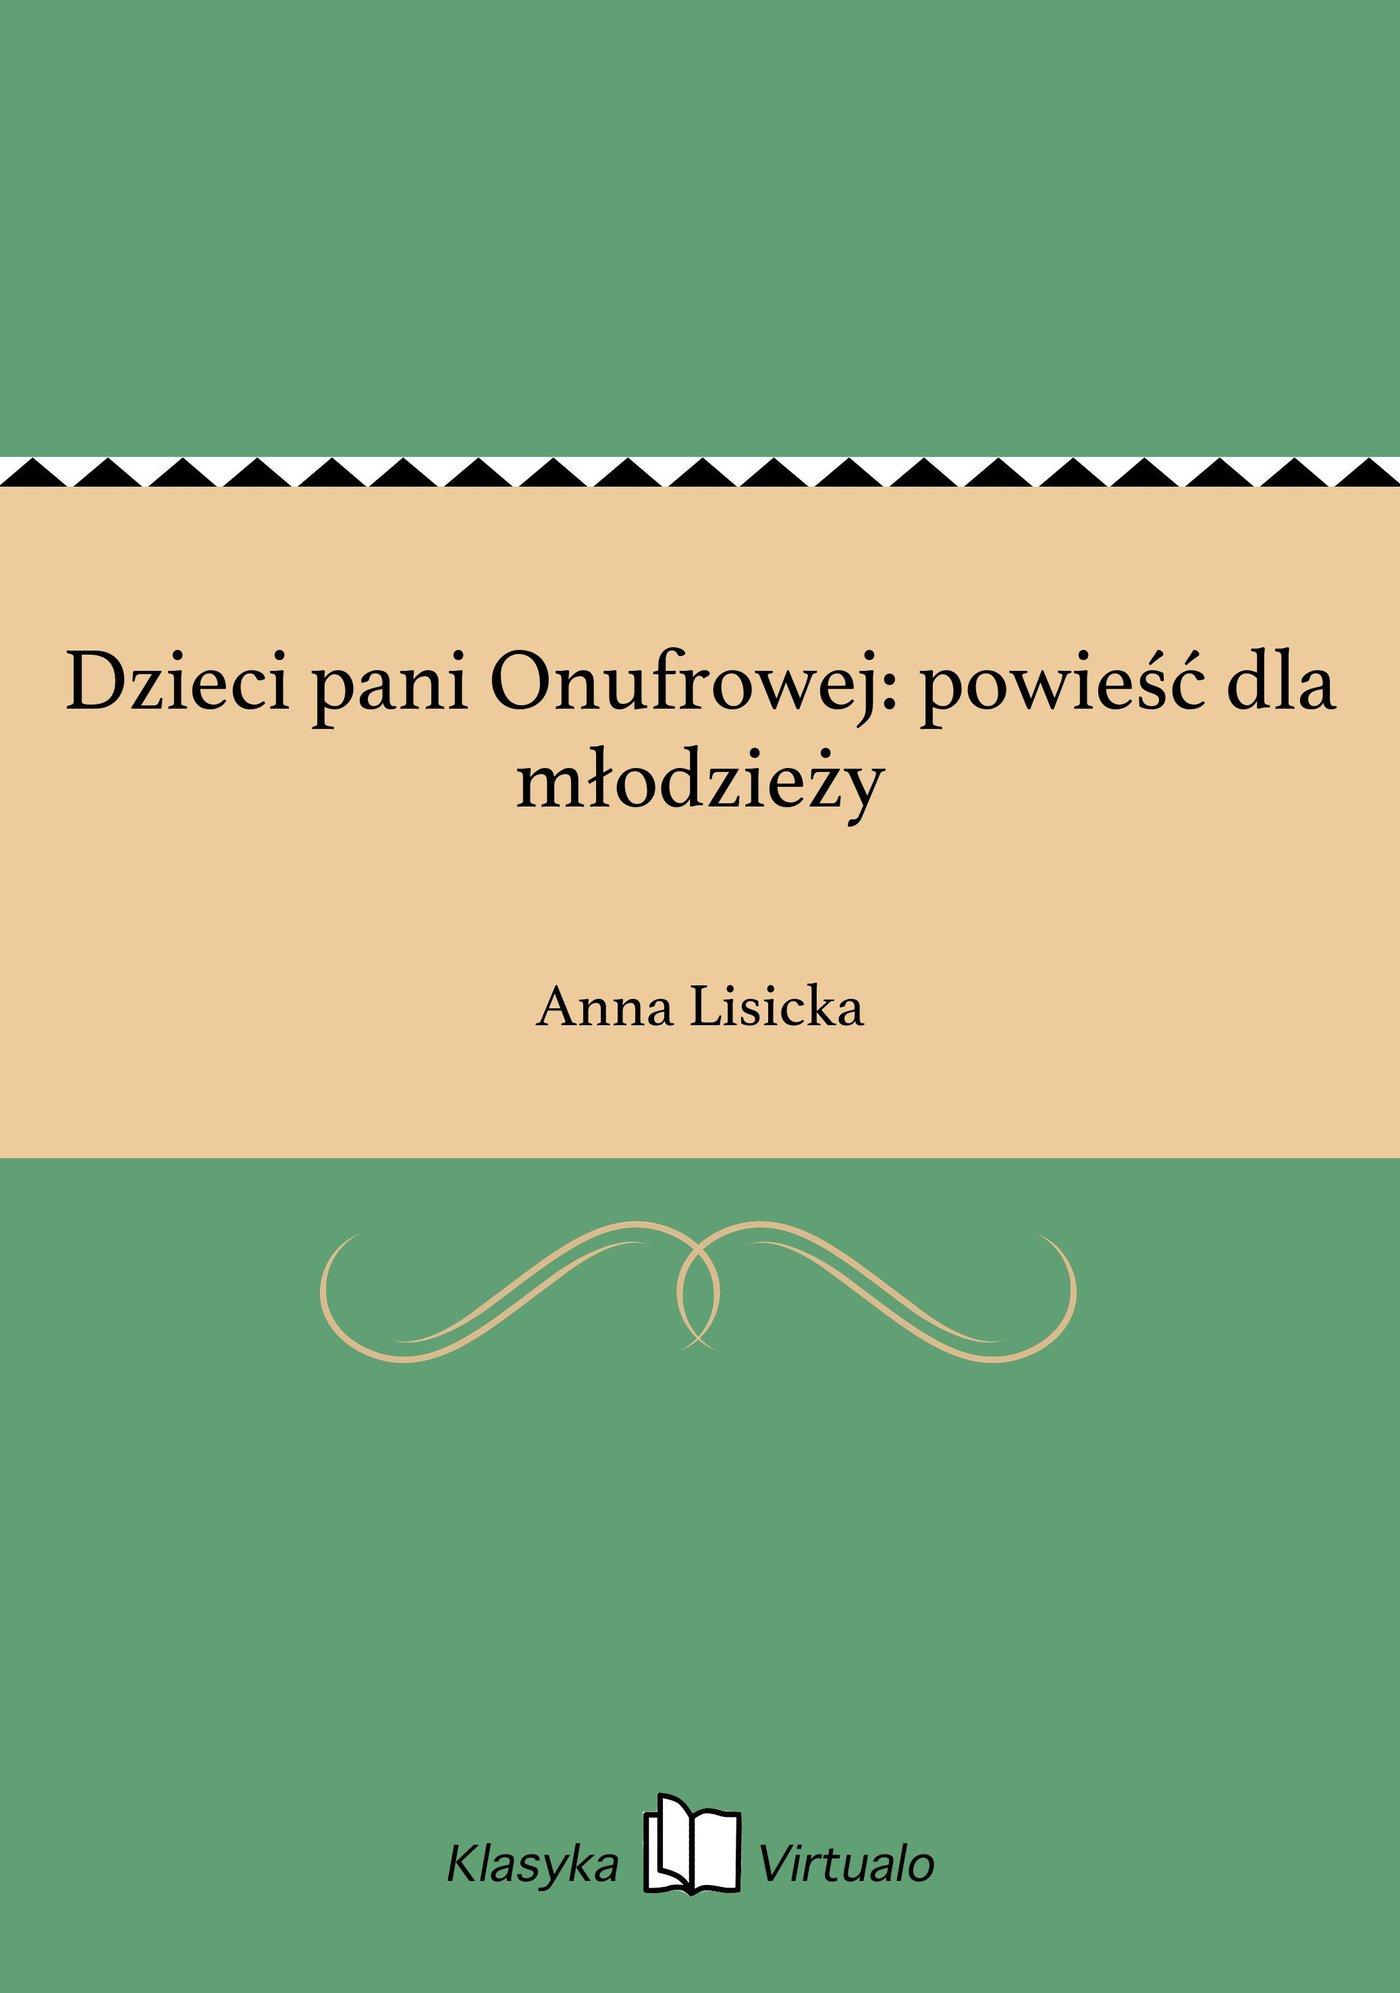 Dzieci pani Onufrowej: powieść dla młodzieży - Ebook (Książka EPUB) do pobrania w formacie EPUB